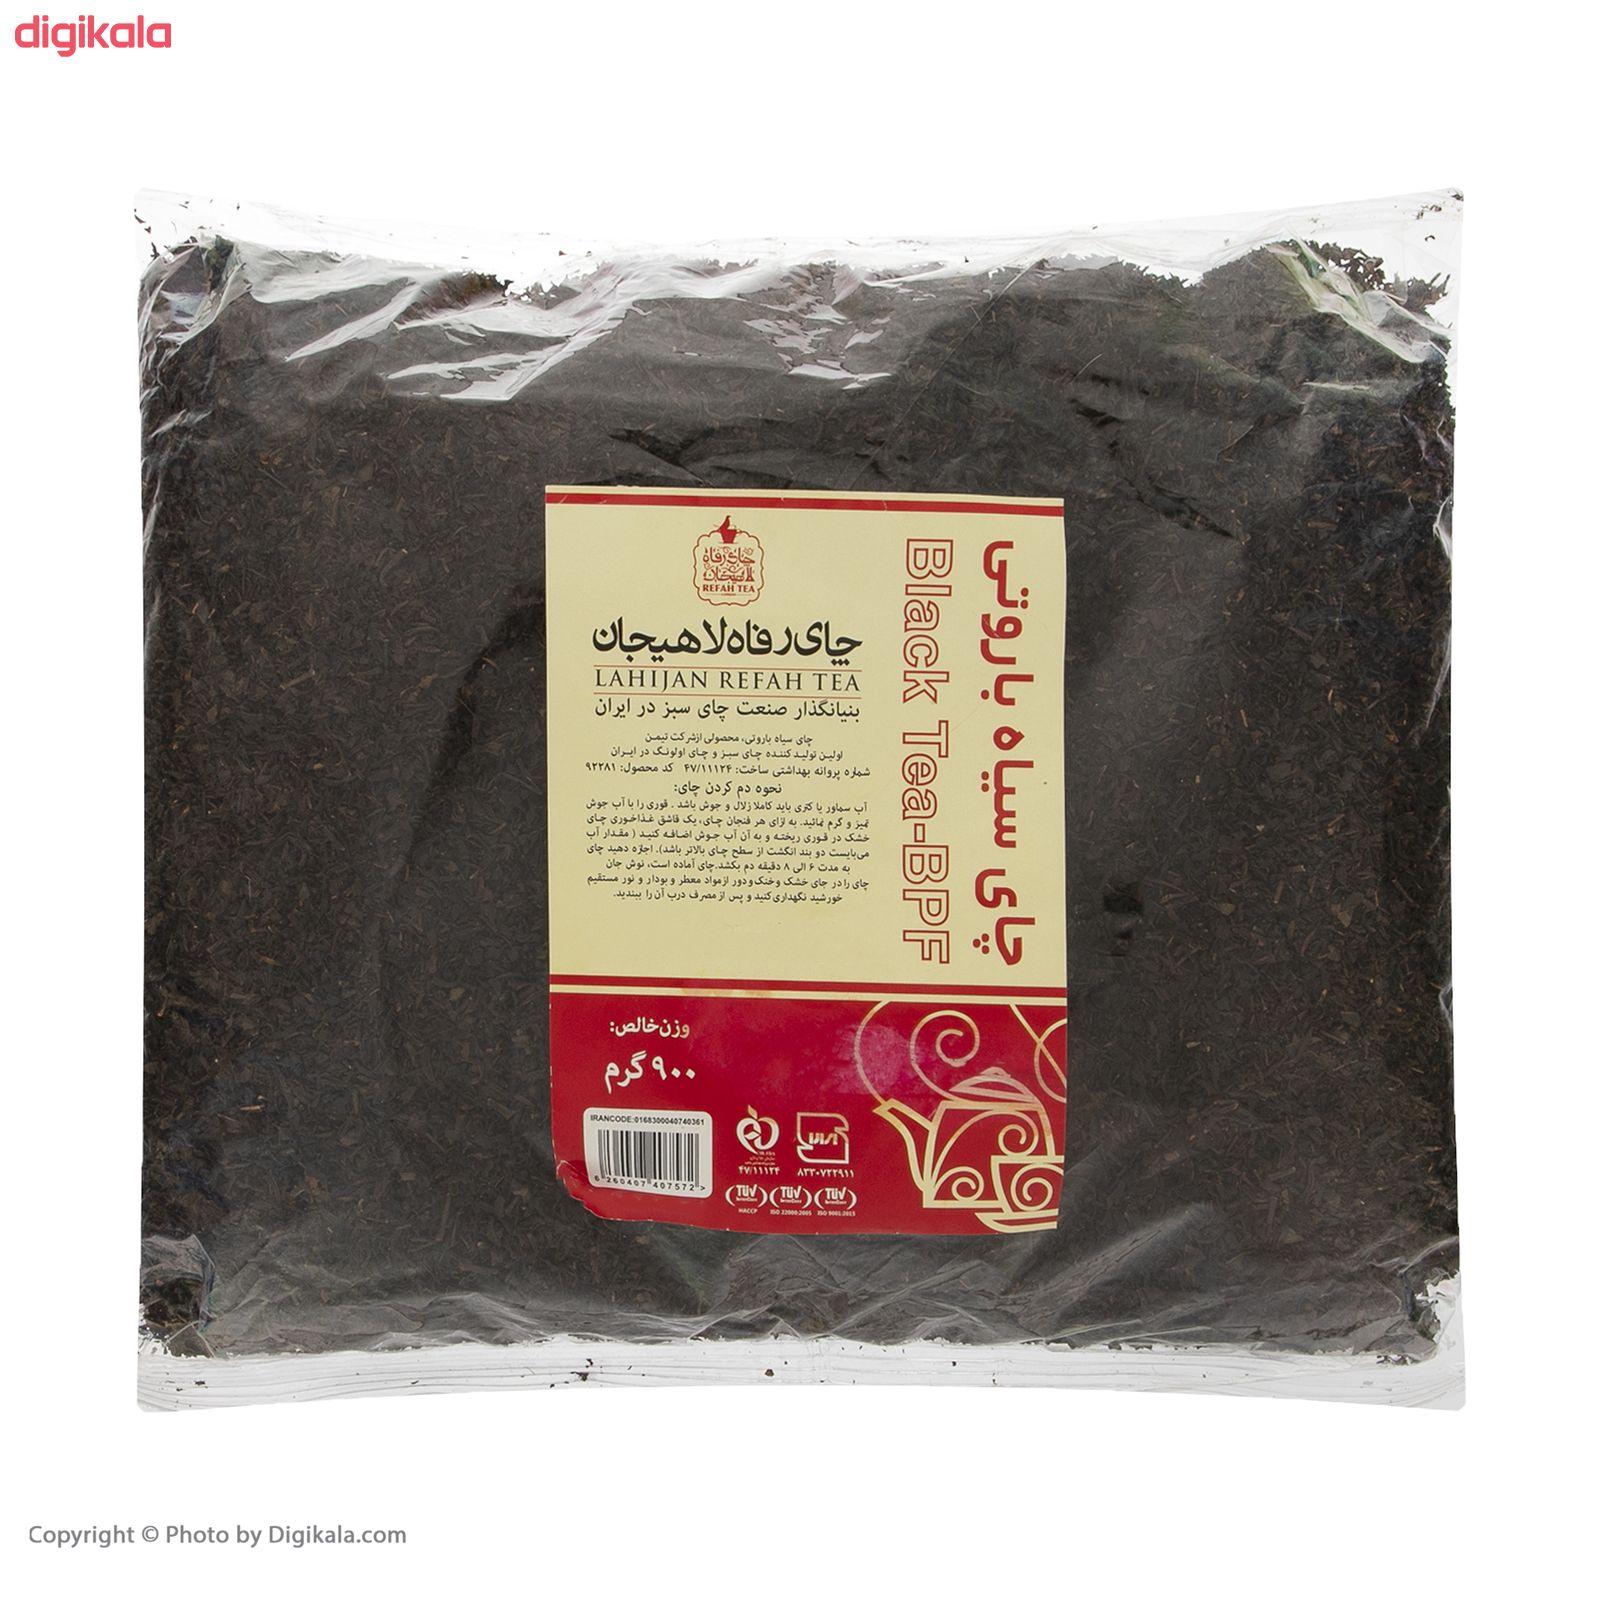 چای سیاه باروتی رفاه لاهیجان - 900 گرم main 1 1